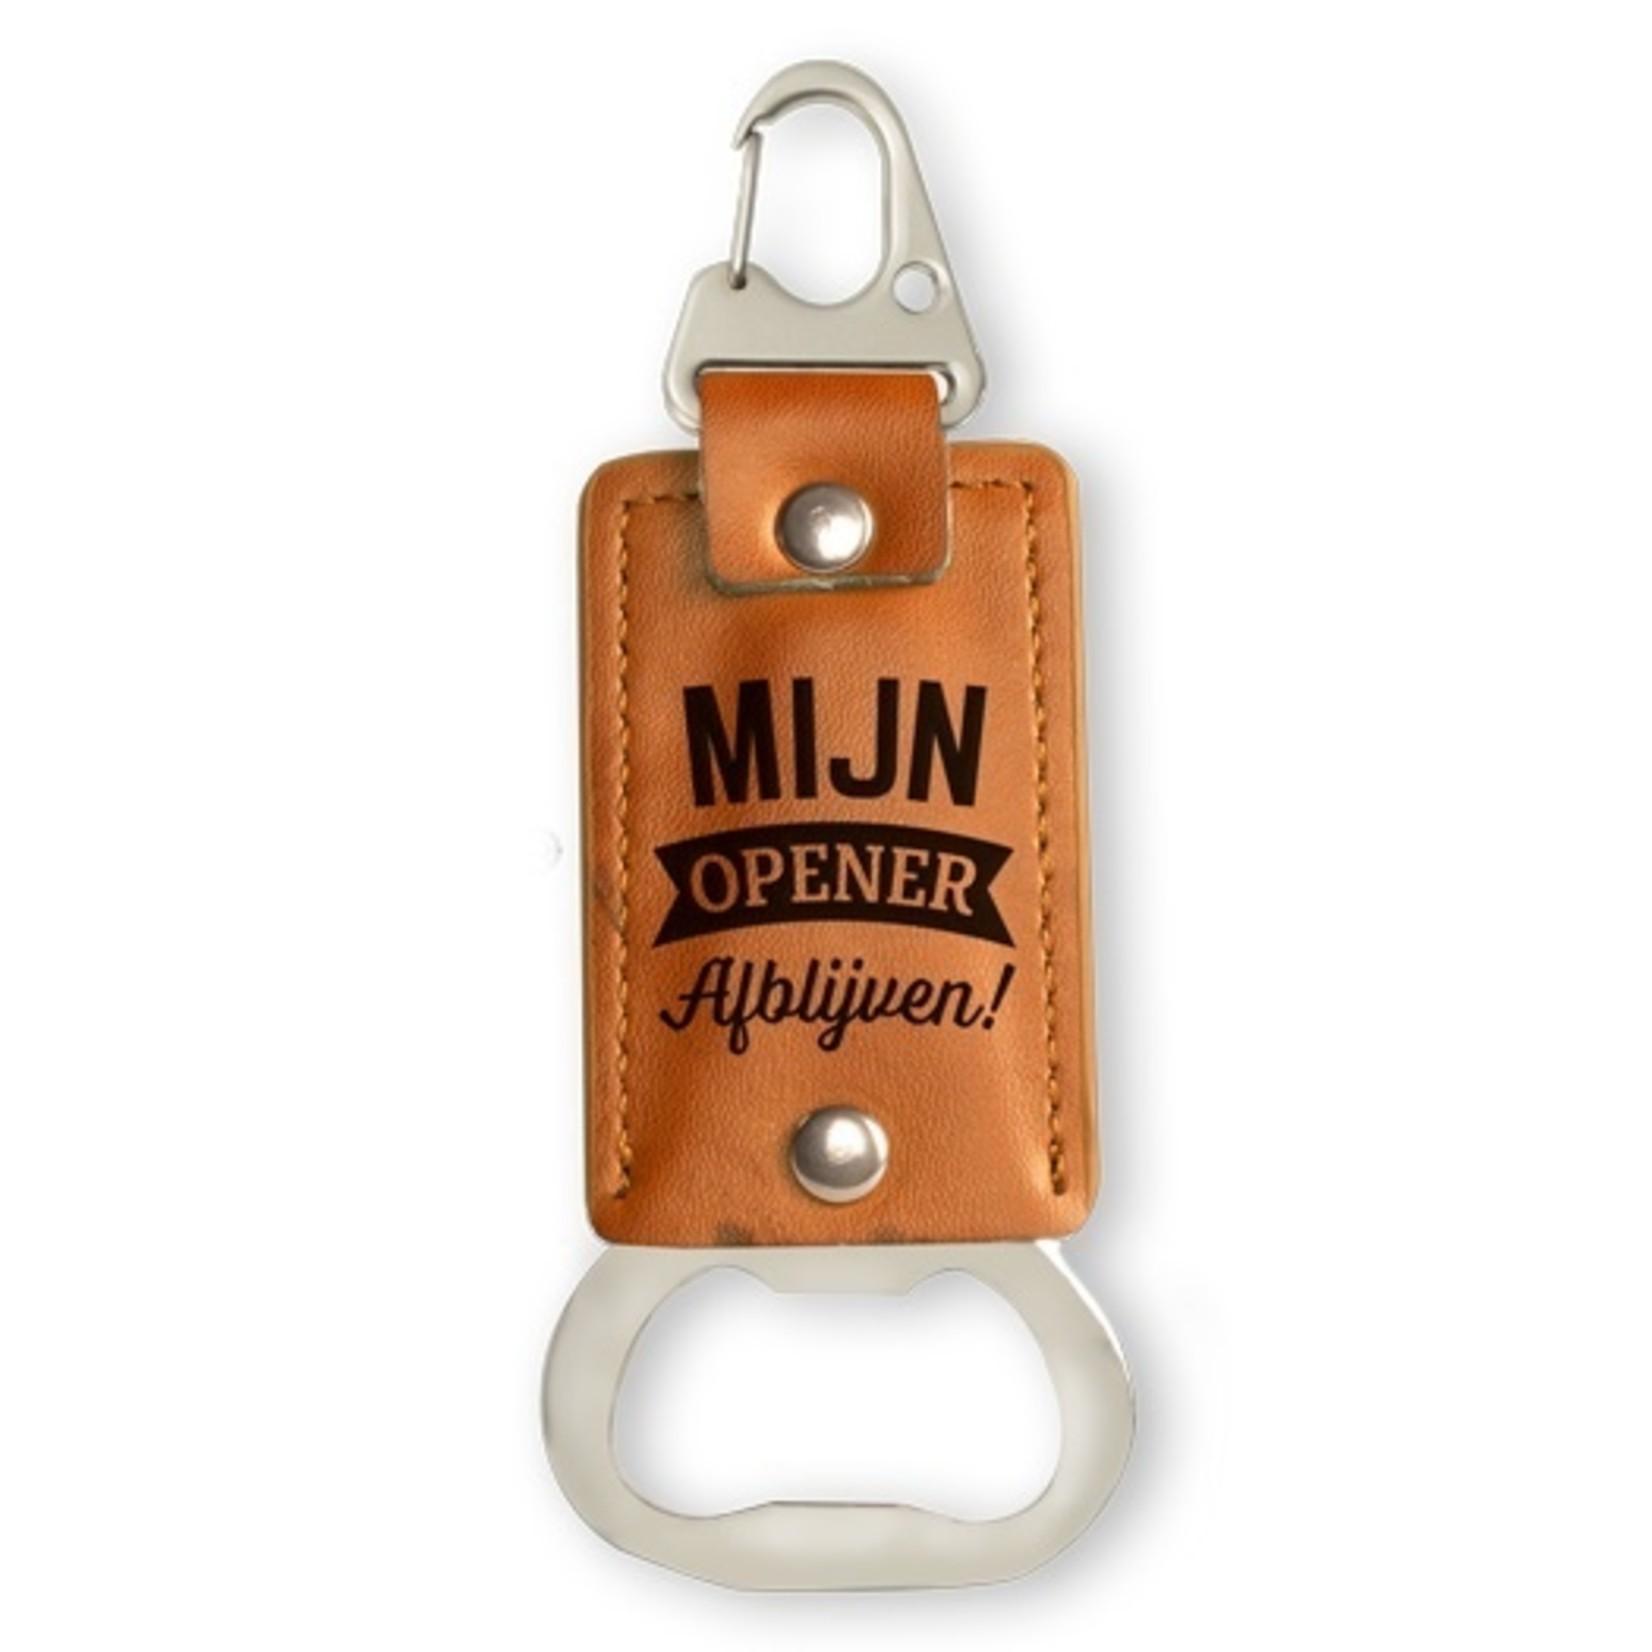 Miko Sleutelhanger/opener - Mijn opener Afblijven!